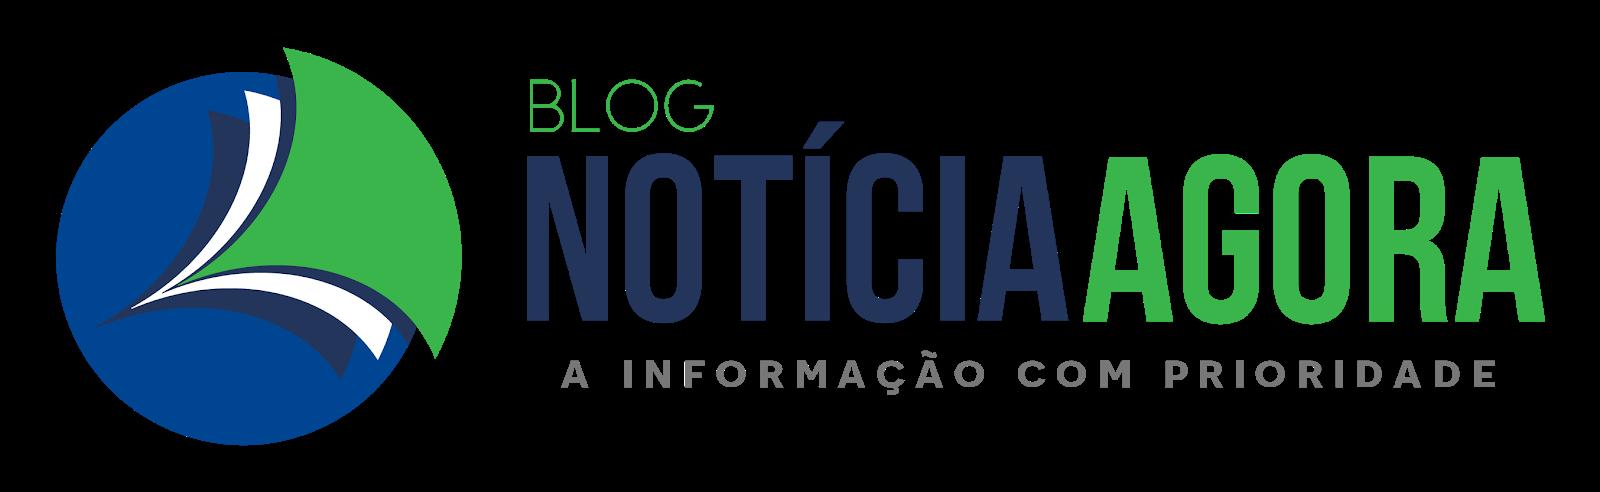 Blog Notícia Agora